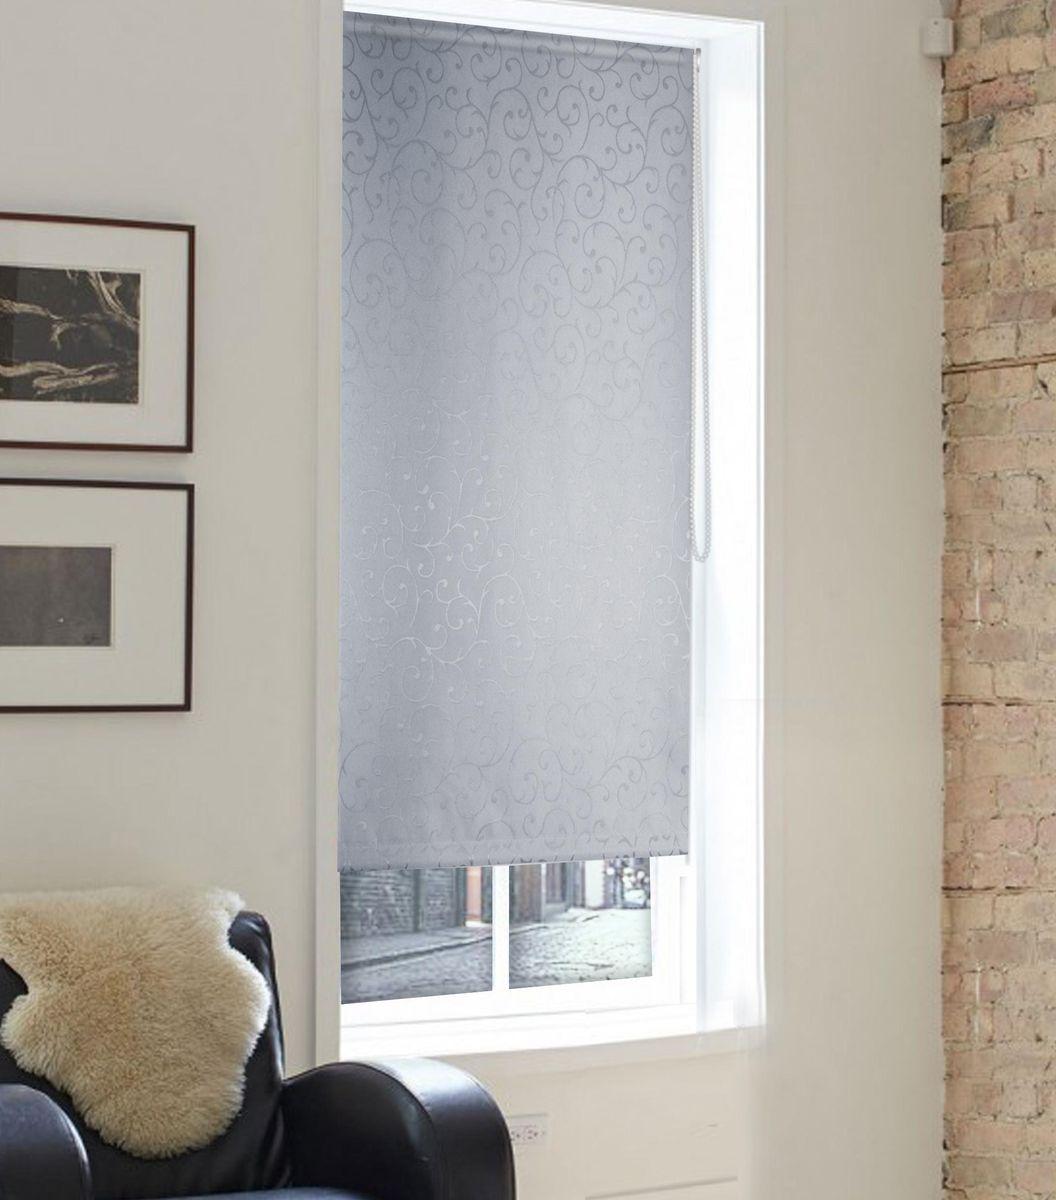 Штора рулонная Эскар Агат, цвет: серый, ширина 60 см, высота 160 см87022060160Рулонными шторами можно оформлять окна как самостоятельно, так и использовать в комбинации с портьерами. Это поможет предотвратить выгорание дорогой ткани на солнце и соединит функционал рулонных с красотой навесных.Преимущества применения рулонных штор для пластиковых окон:- имеют прекрасный внешний вид: многообразие и фактурность материала изделия отлично смотрятся в любом интерьере; - многофункциональны: есть возможность подобрать шторы способные эффективно защитить комнату от солнца, при этом она не будет слишком темной.- Есть возможность осуществить быстрый монтаж.ВНИМАНИЕ! Размеры ширины изделия указаны по ширине ткани!Во время эксплуатации не рекомендуется полностью разматывать рулон, чтобы не оторвать ткань от намоточного вала.В случае загрязнения поверхности ткани, чистку шторы проводят одним из способов, в зависимости от типа загрязнения: легкое поверхностное загрязнение можно удалить при помощи канцелярского ластика; чистка от пыли производится сухим методом при помощи пылесоса с мягкой щеткой-насадкой; для удаления пятна используйте мягкую губку с пенообразующим неагрессивным моющим средством или пятновыводитель на натуральной основе (нельзя применять растворители).